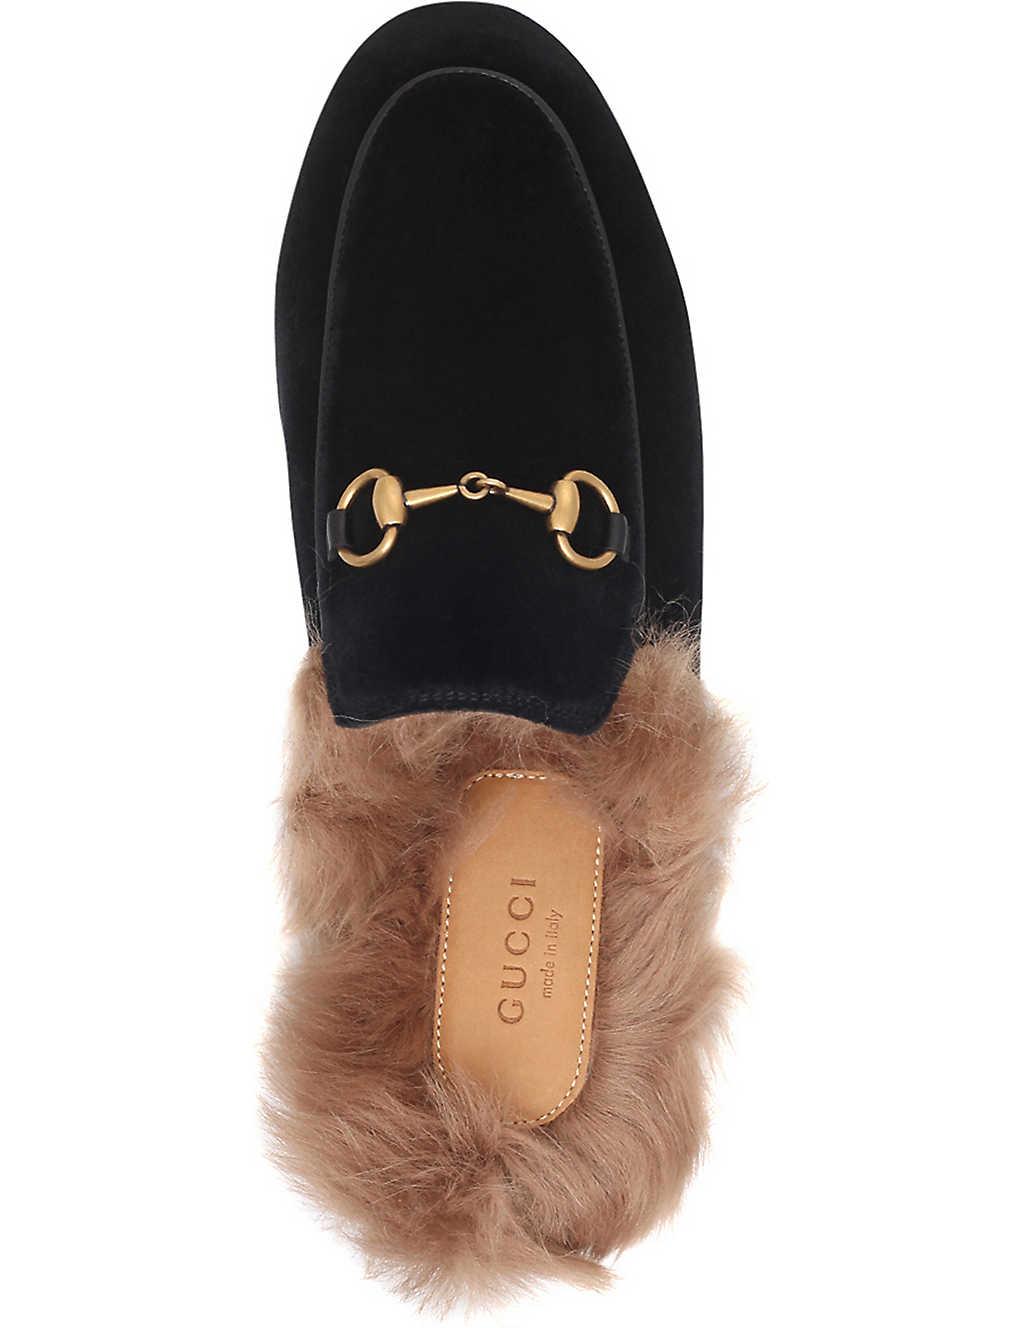 09059d54f Princetown velvet slippers - Black  Princetown velvet slippers - Black ...